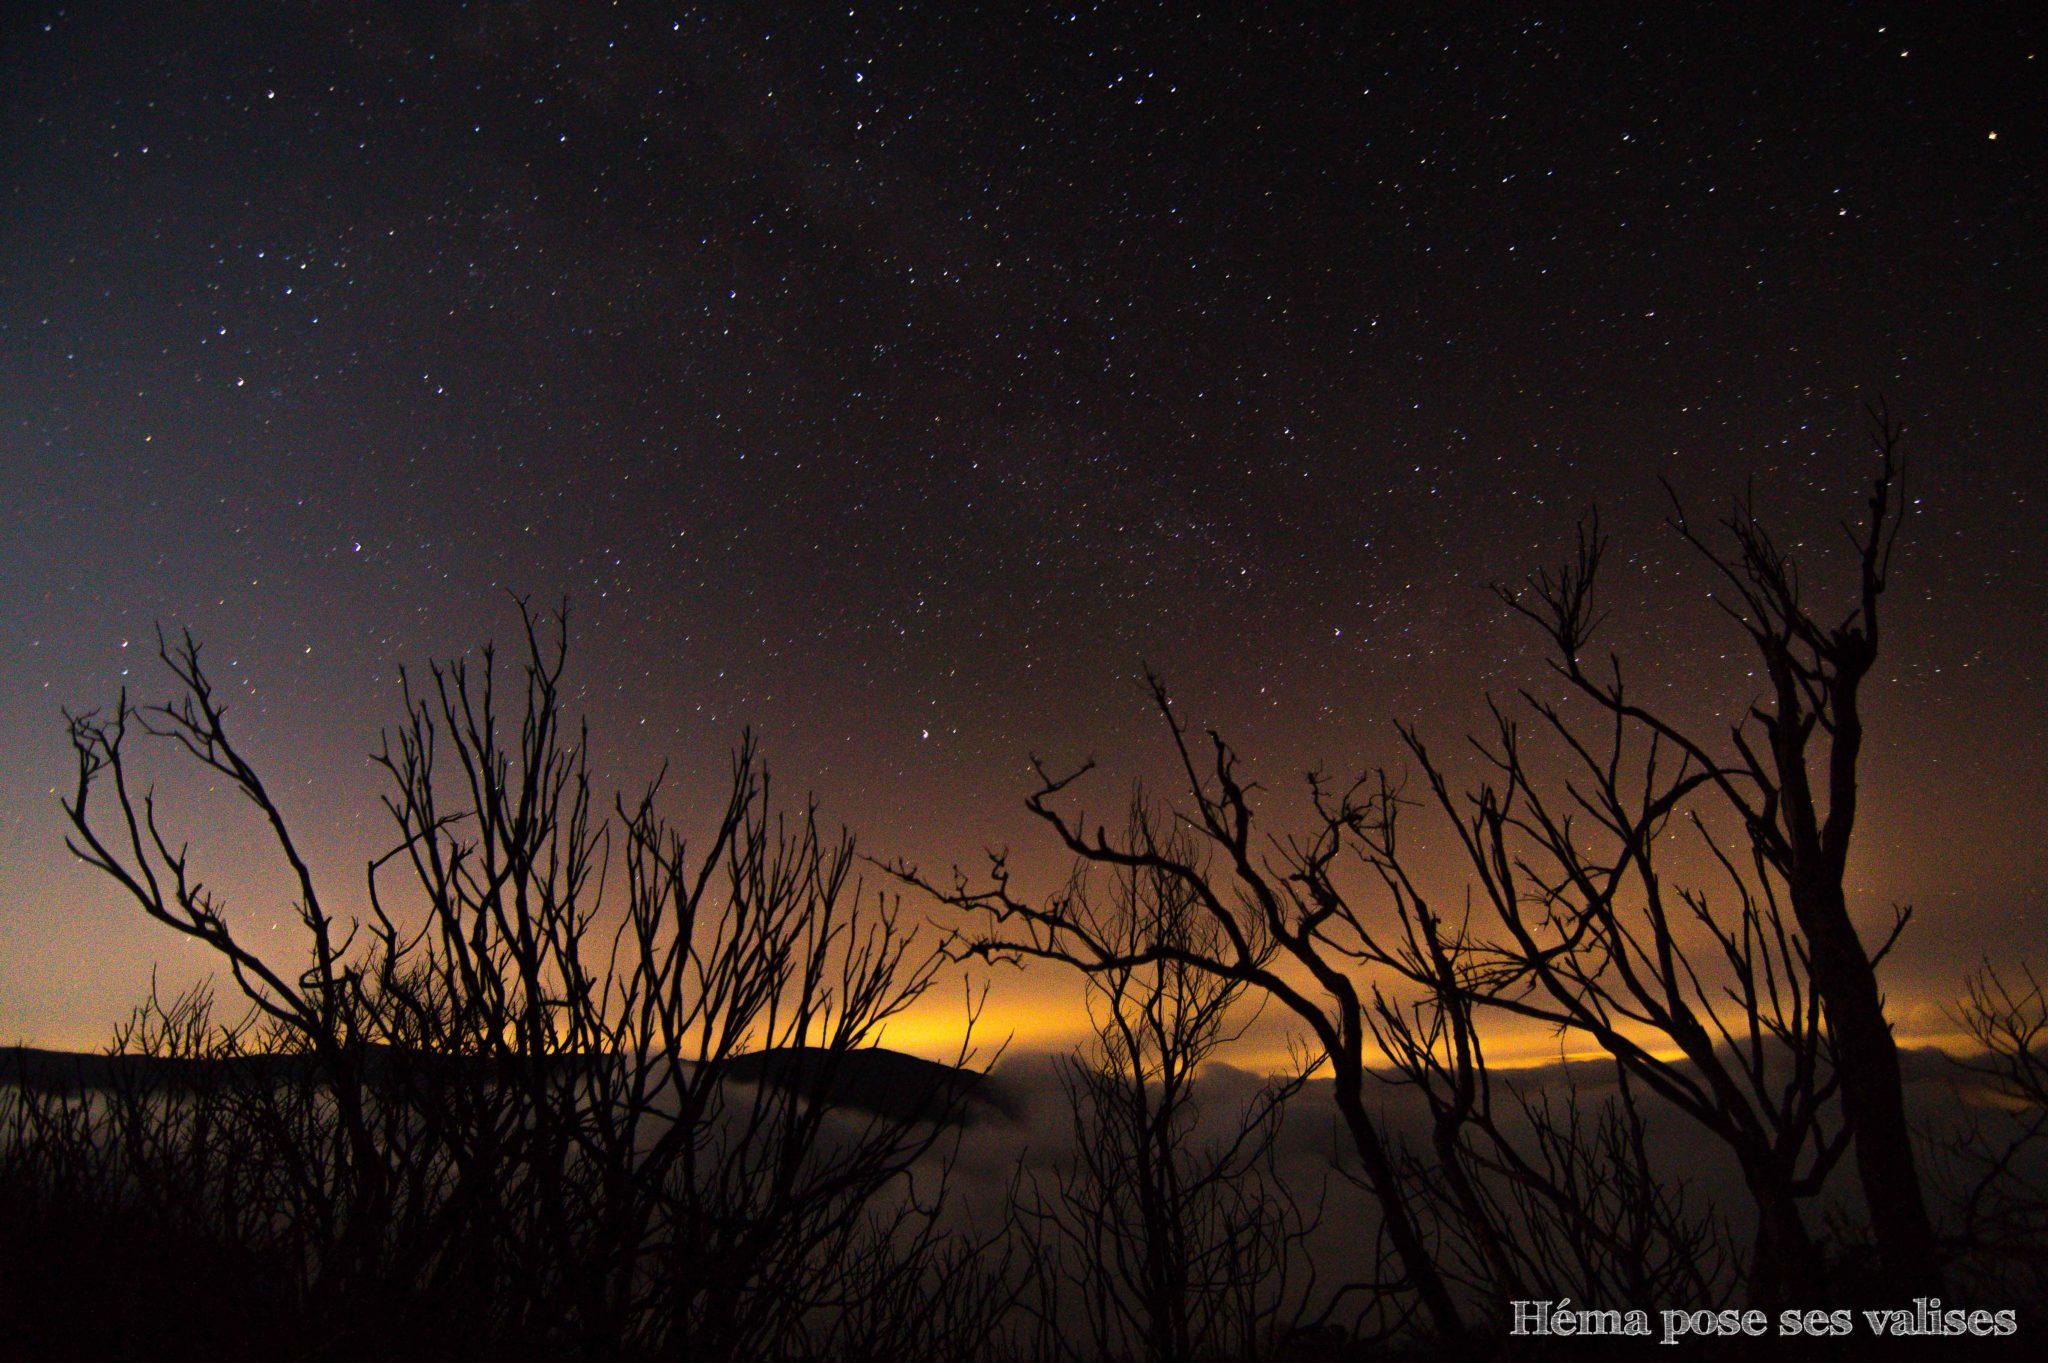 Paysage de La Réunion sous un ciel étoilé près du volcan Piton de la Fournaise